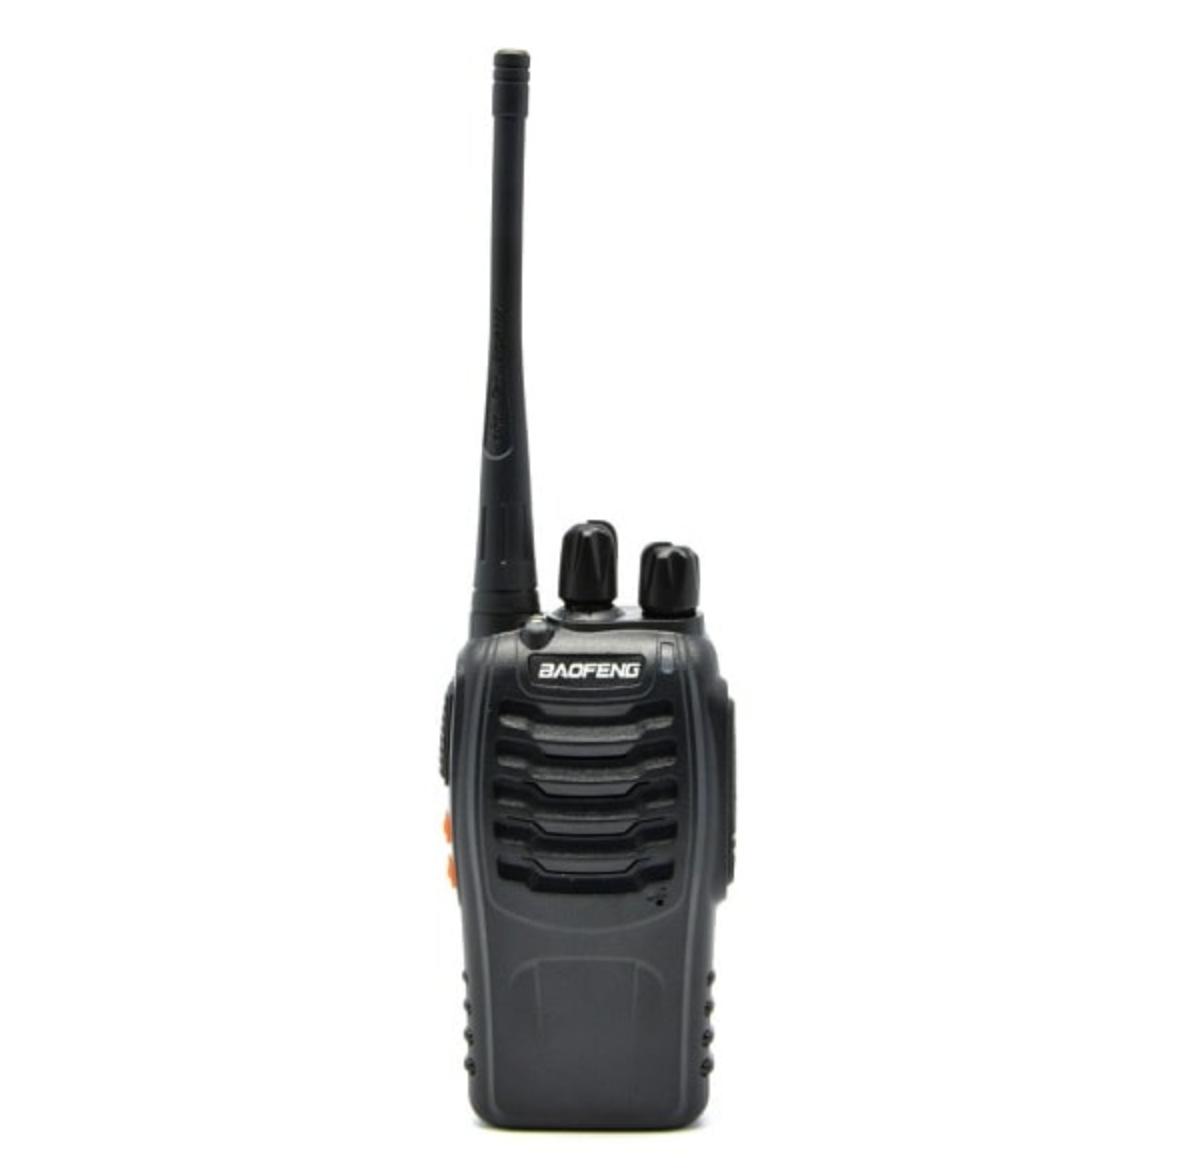 Купить Беспроводная рация Baofeng BF-888S, корпус пластмасс, микс-цвет, частота 400-470MHz, BOX